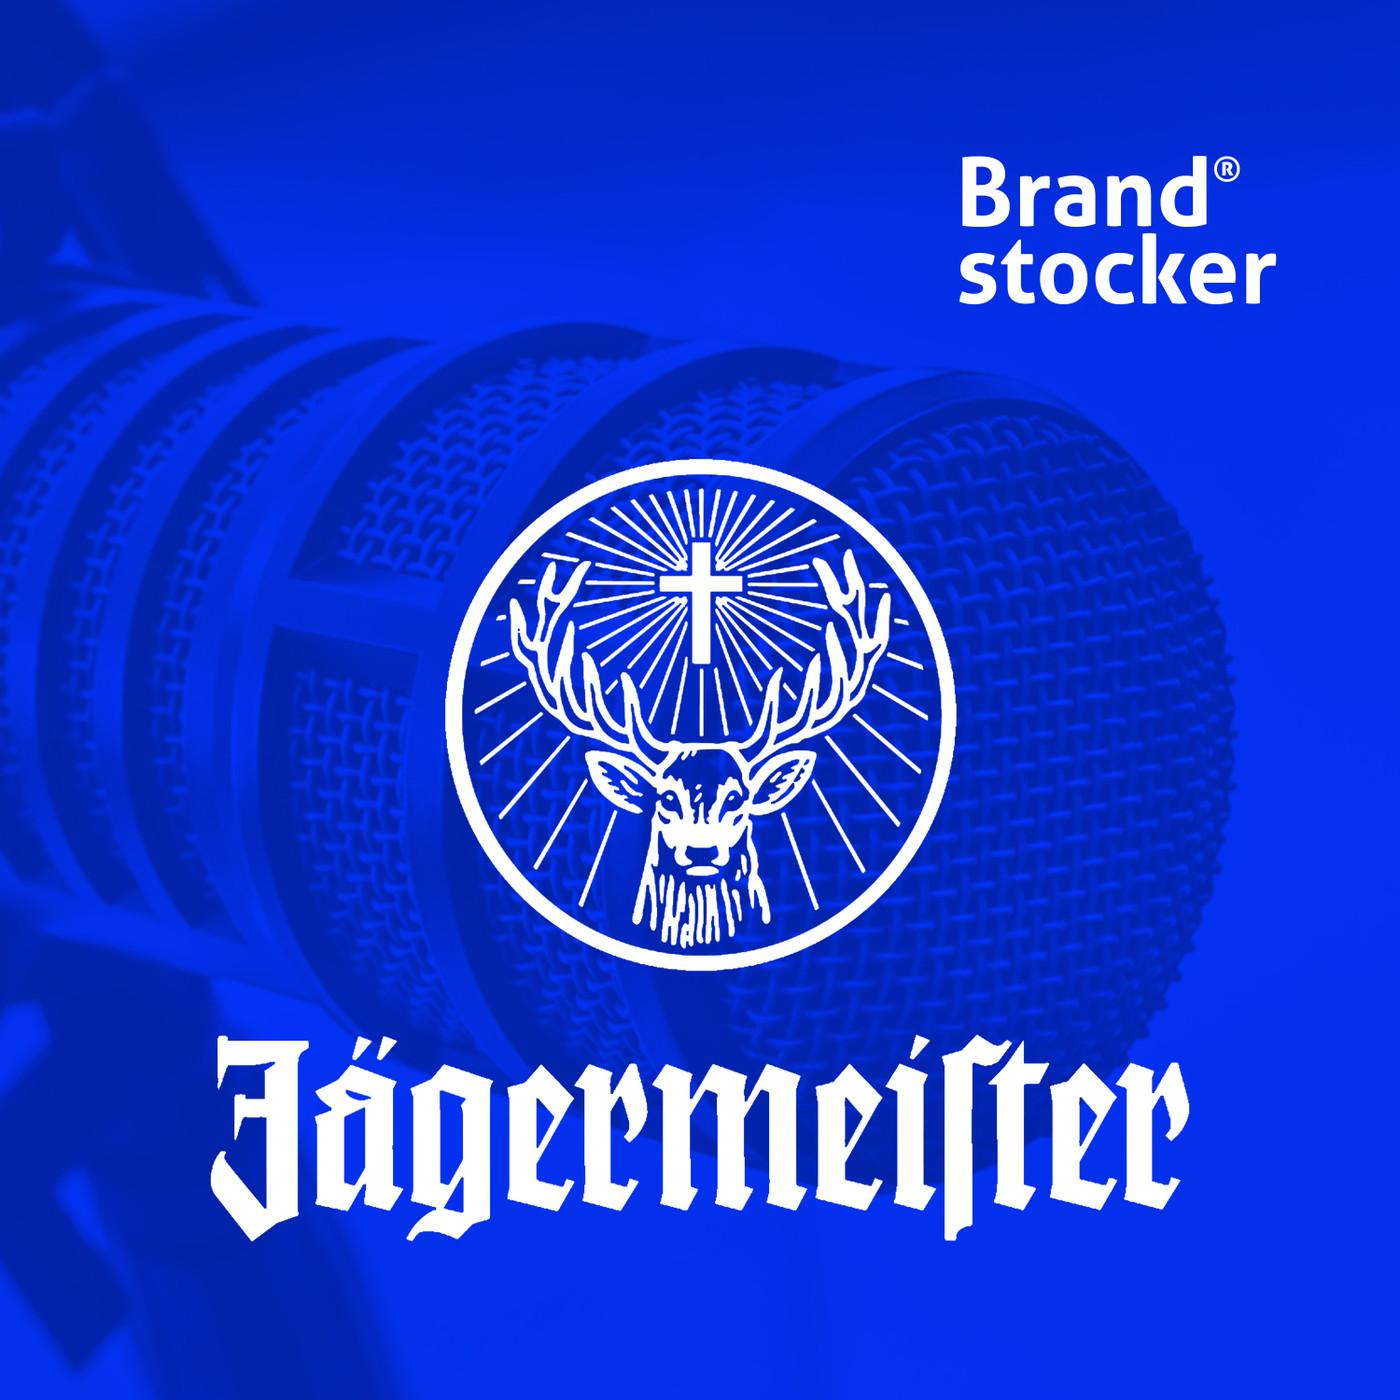 Bs6x03 - Jägermeister y el branding Nazi